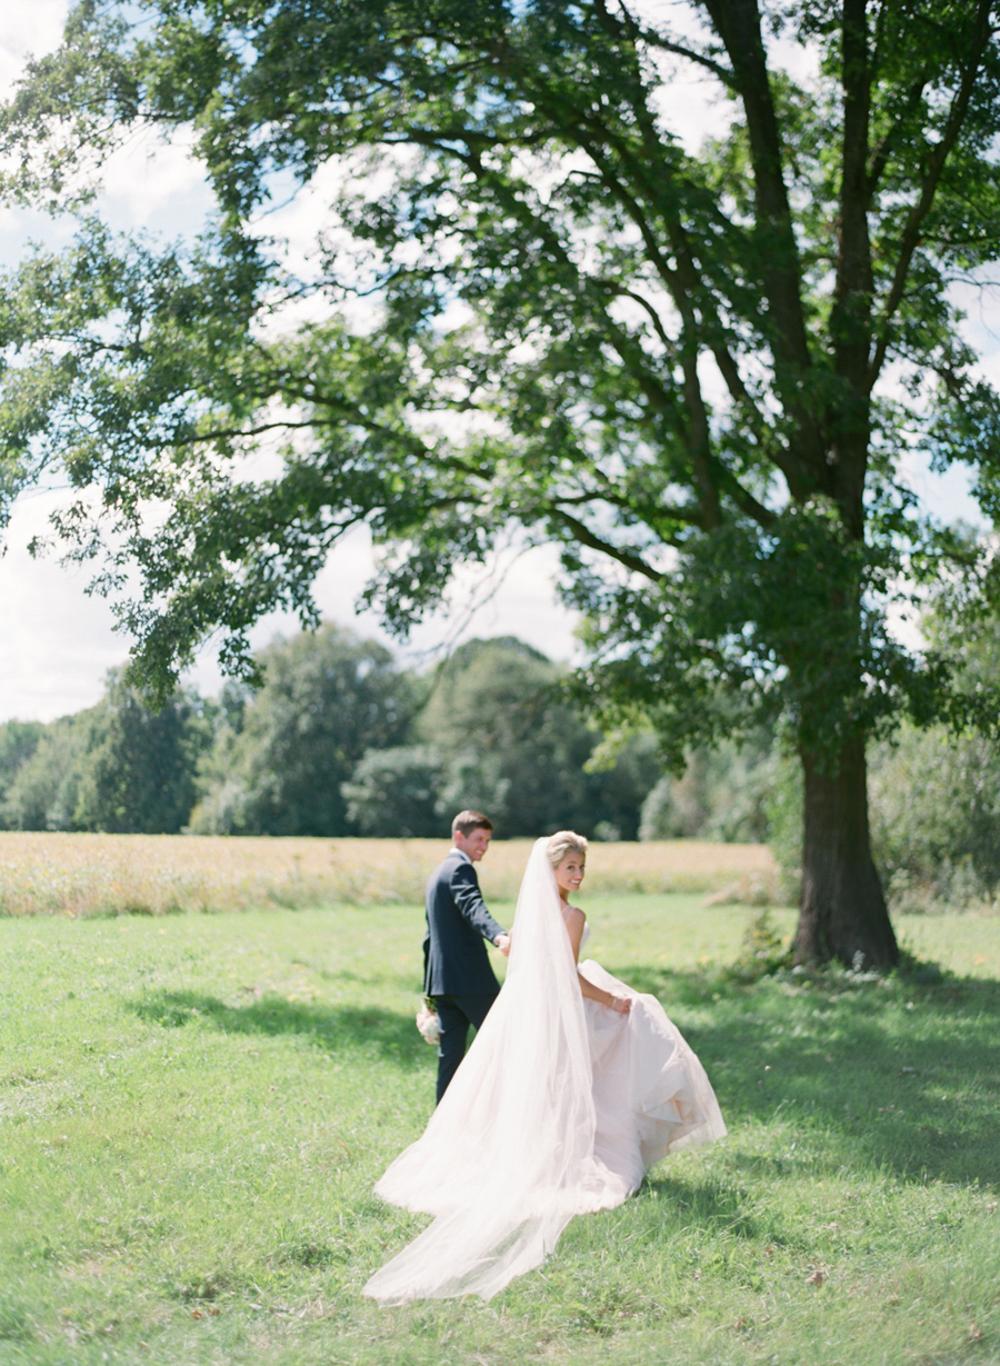 Troy_Burne_Golf_Club_Wedding_Photographer_25.jpg